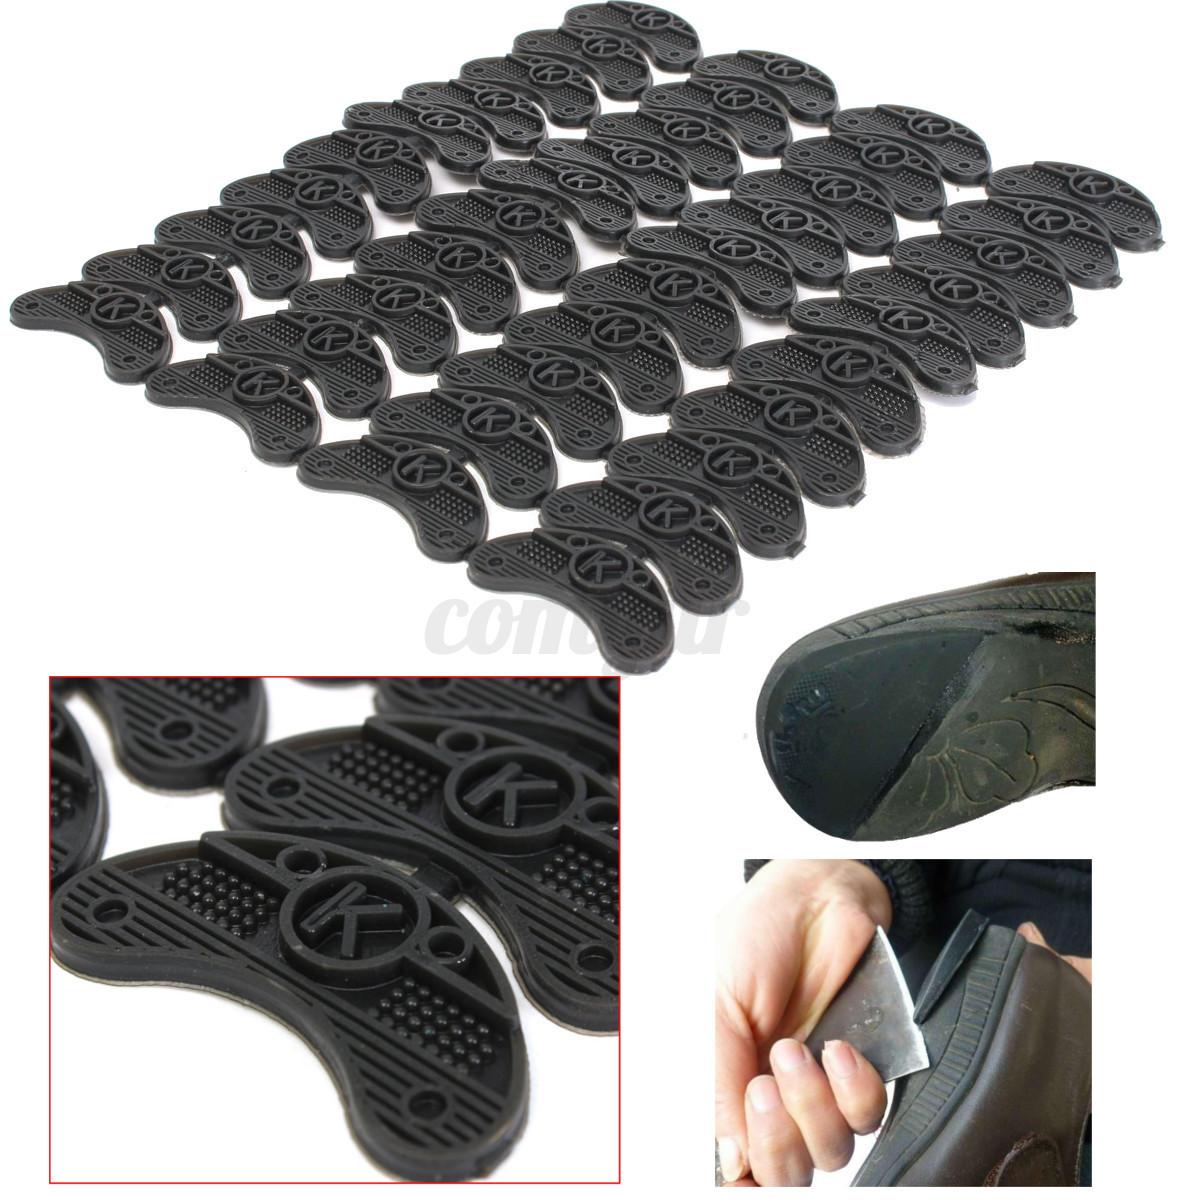 Shoe Sole And Heel Repair Kit